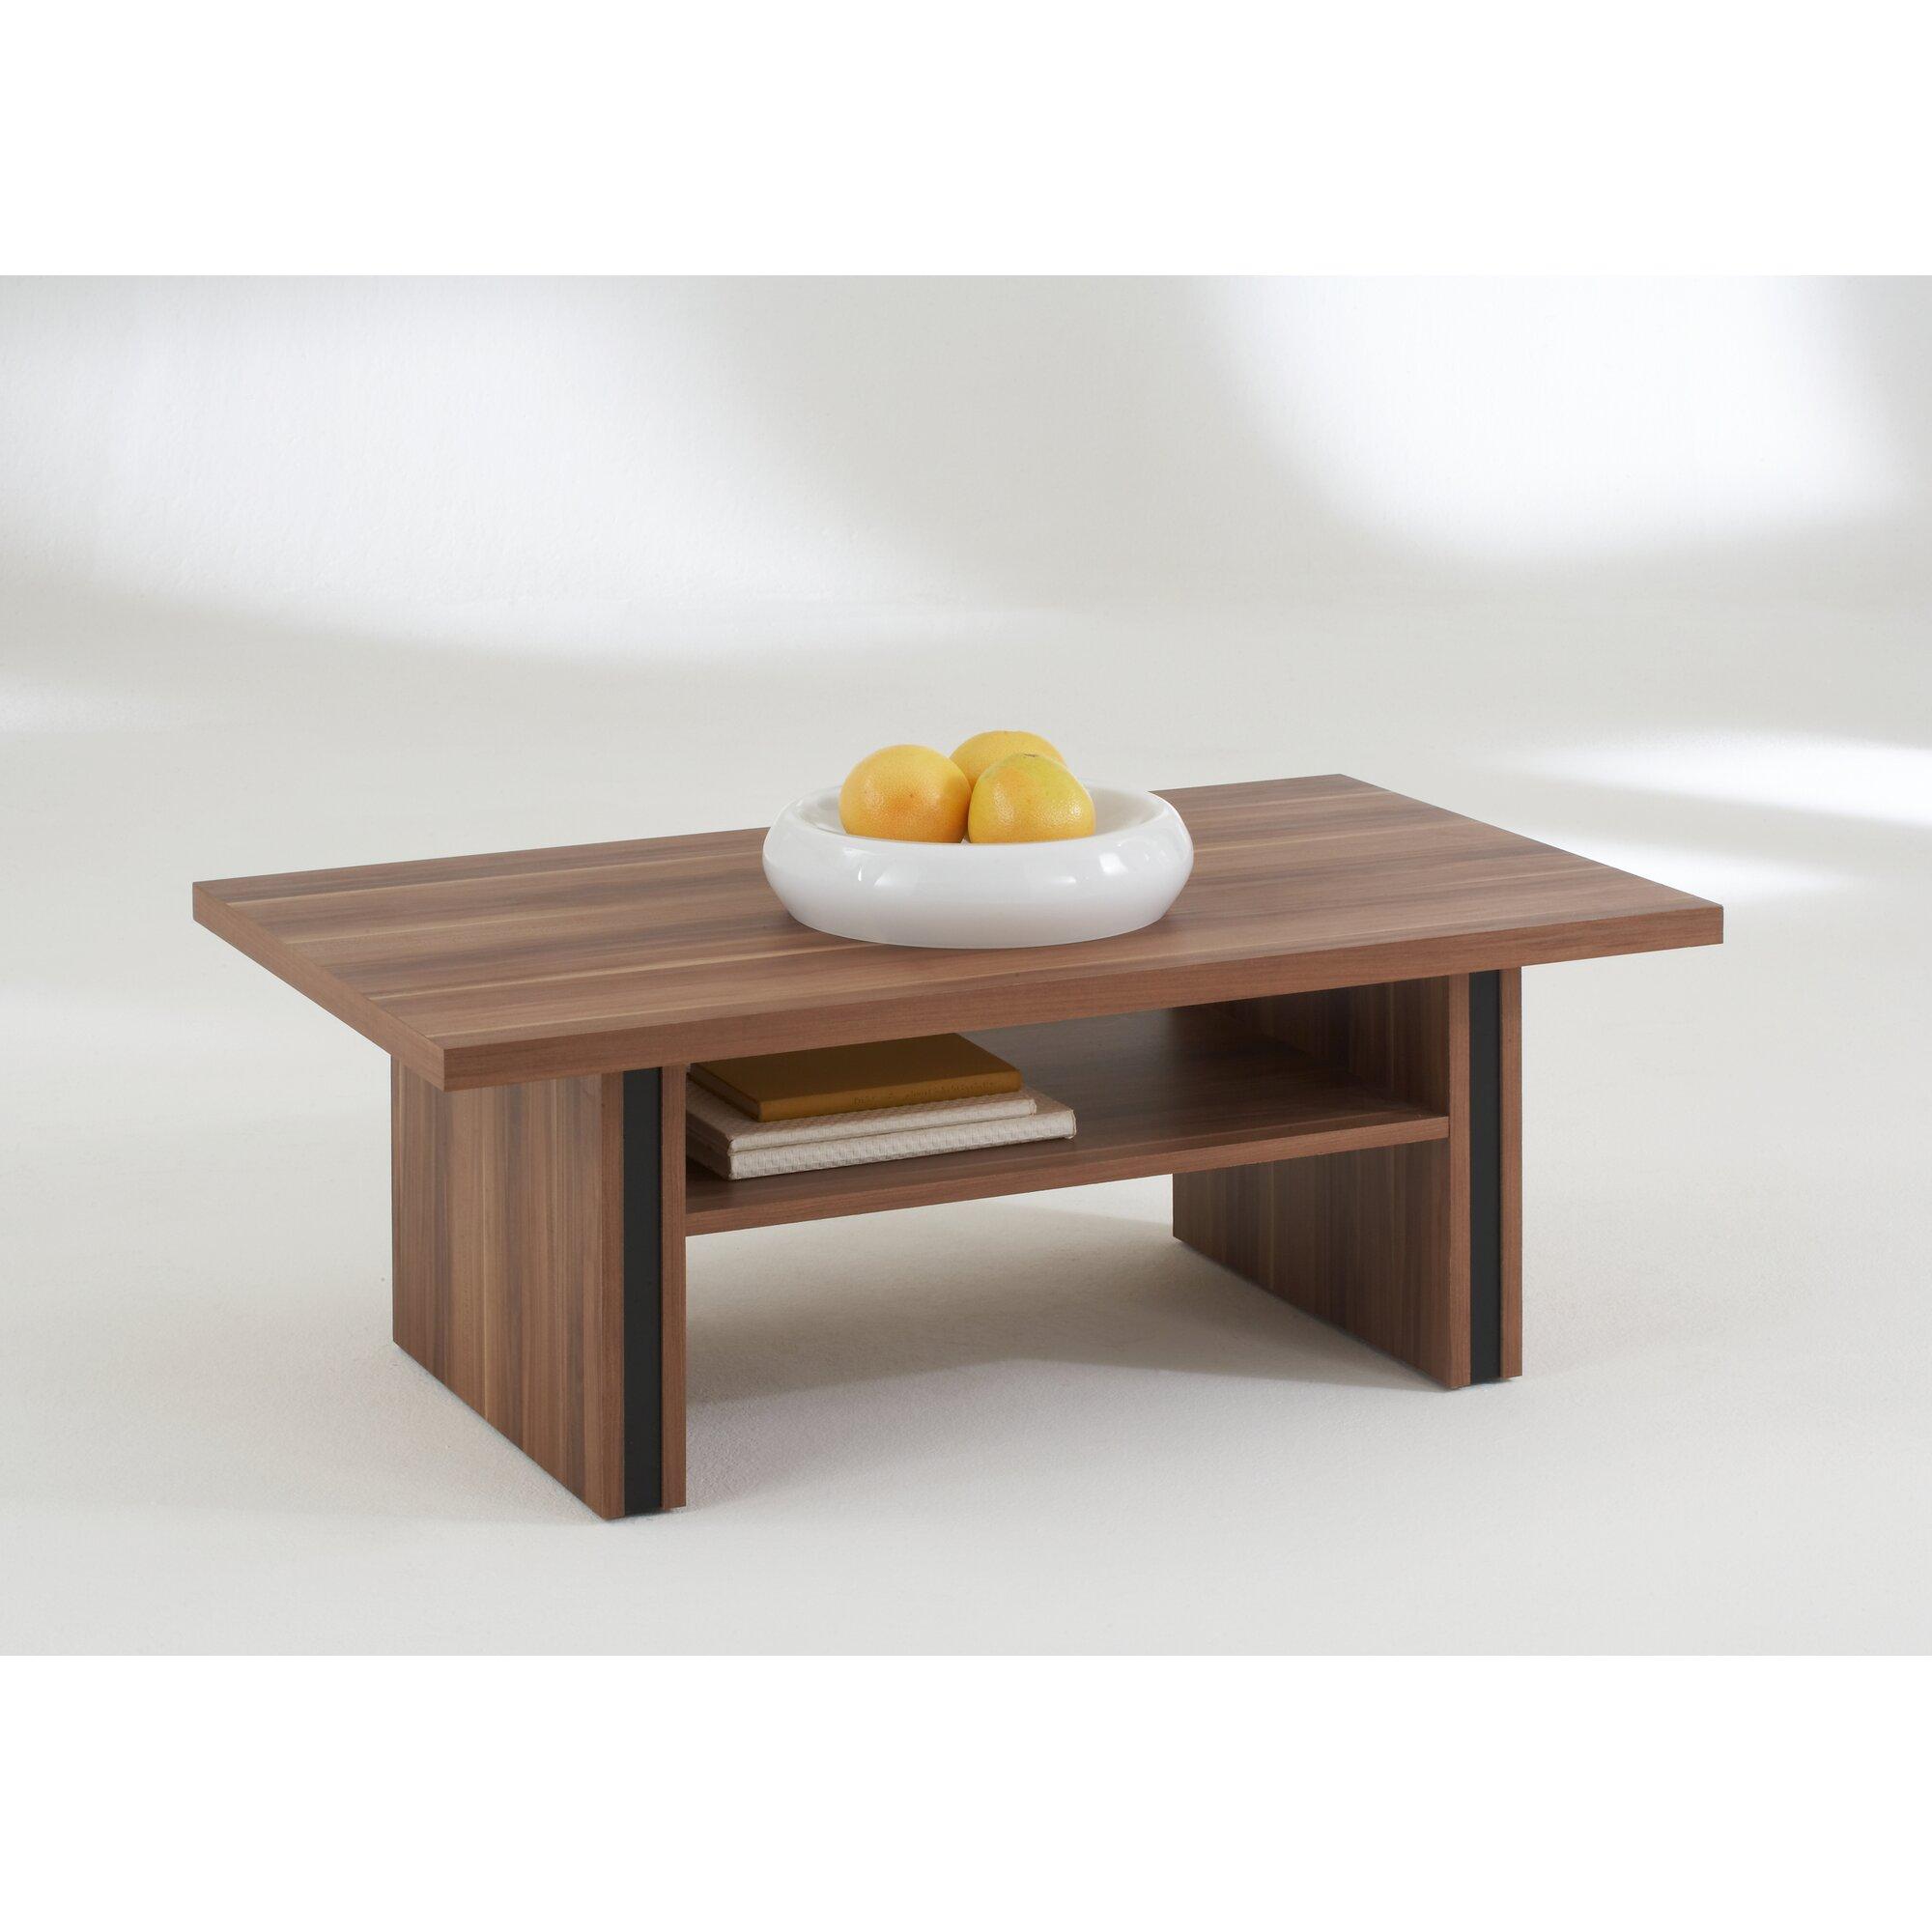 Hela Tische Couchtisch DaIi mit Stauraum & Bewertungen